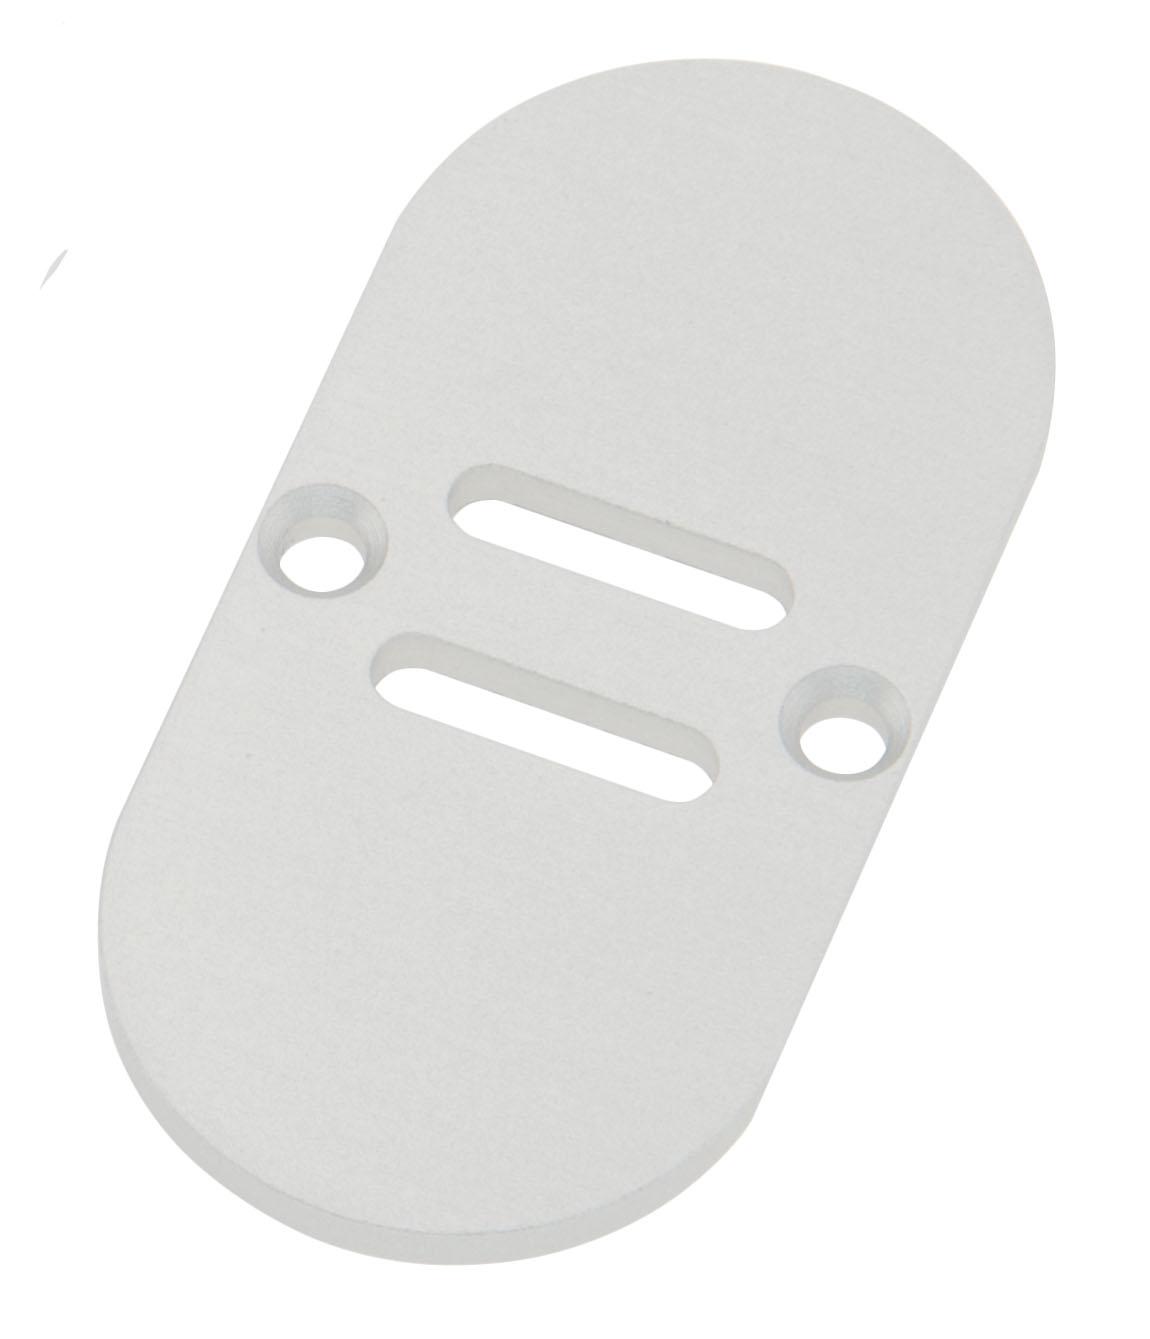 1 Stk Profil Endkappe TBH Rund mit Langloch inkl. Schrauben LIEK002711